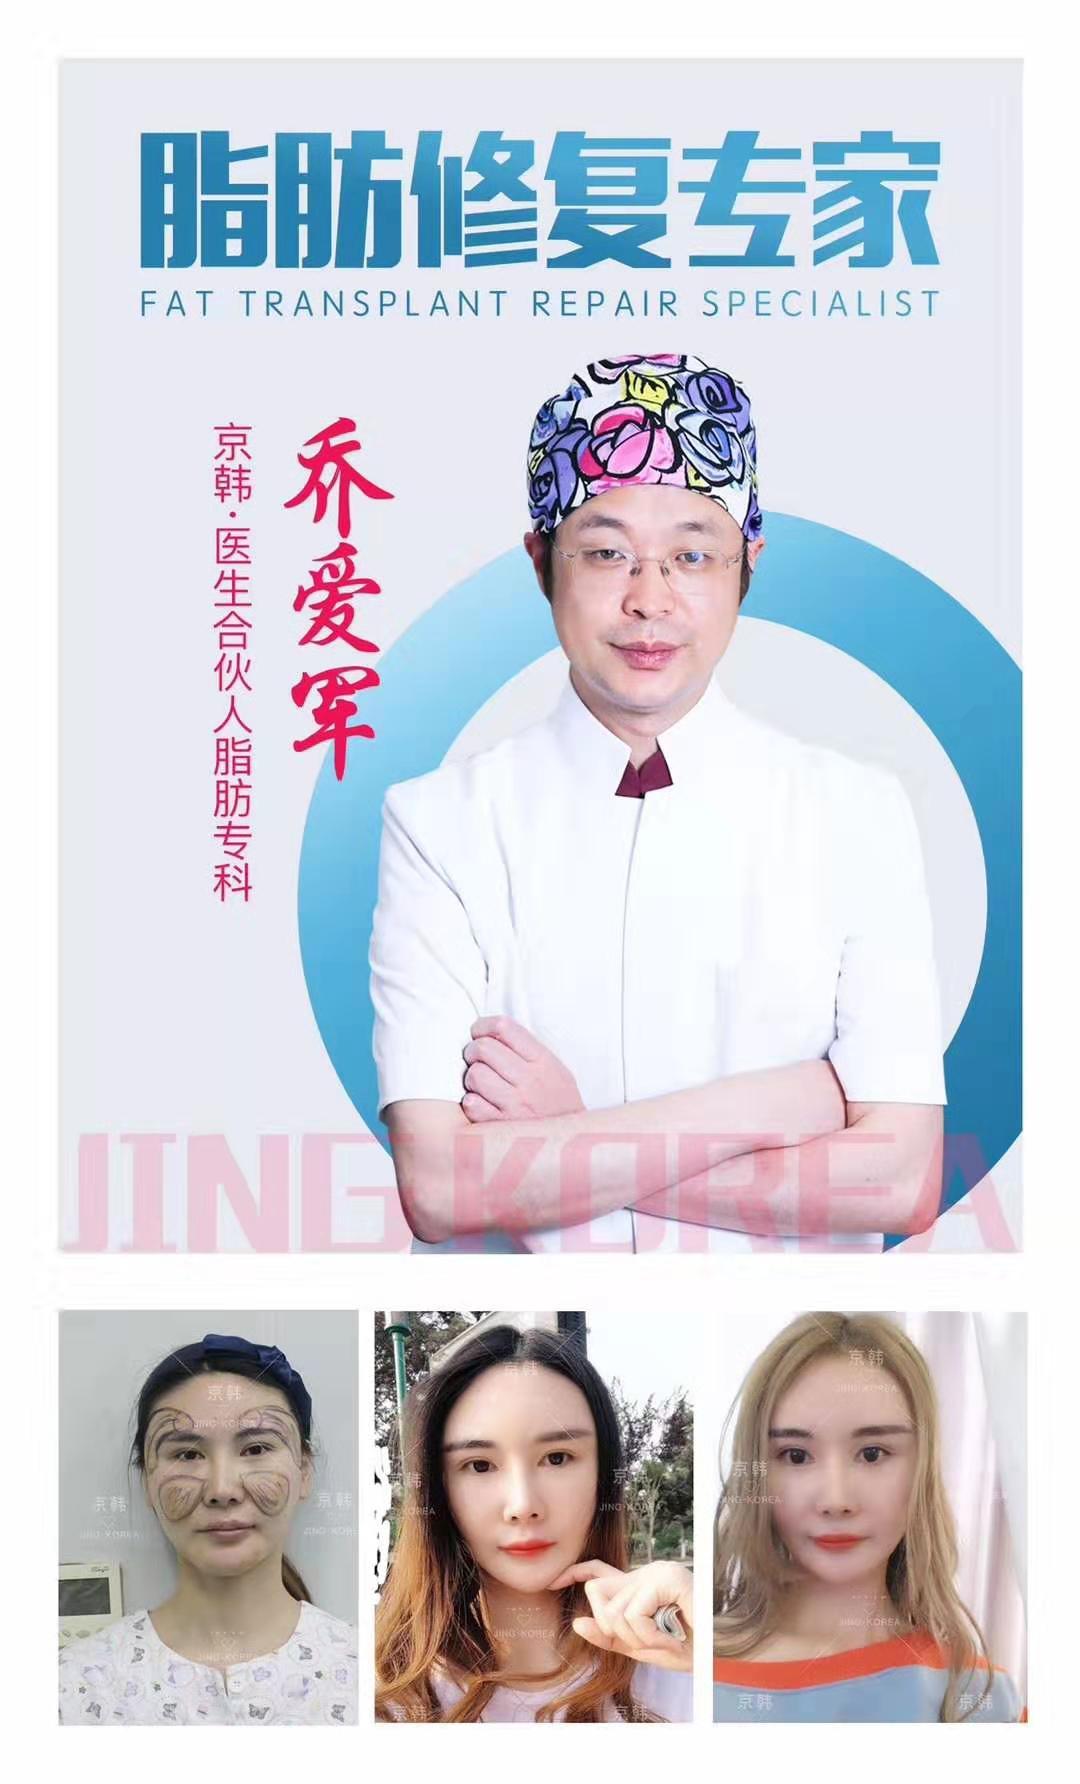 北京脂肪填充修复专家哪个好?